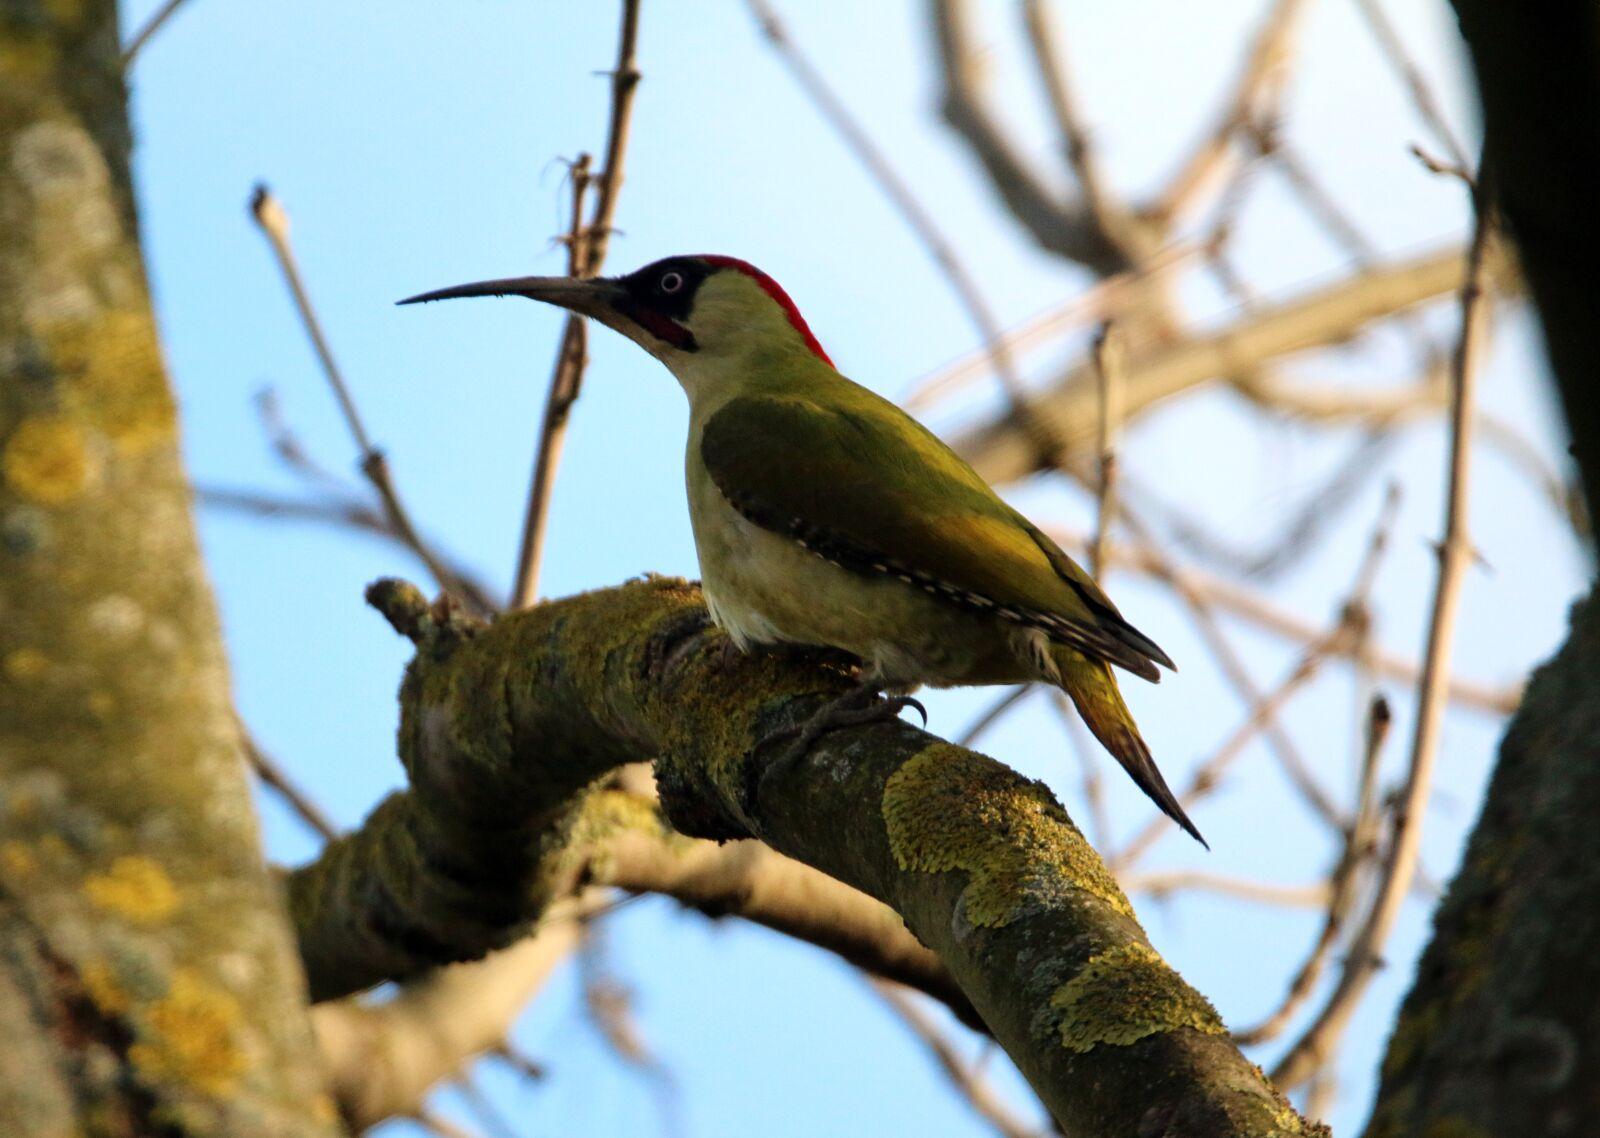 """Canon EOS 70D sample photo. """"Green woodpecker, bird, nature"""" photography"""